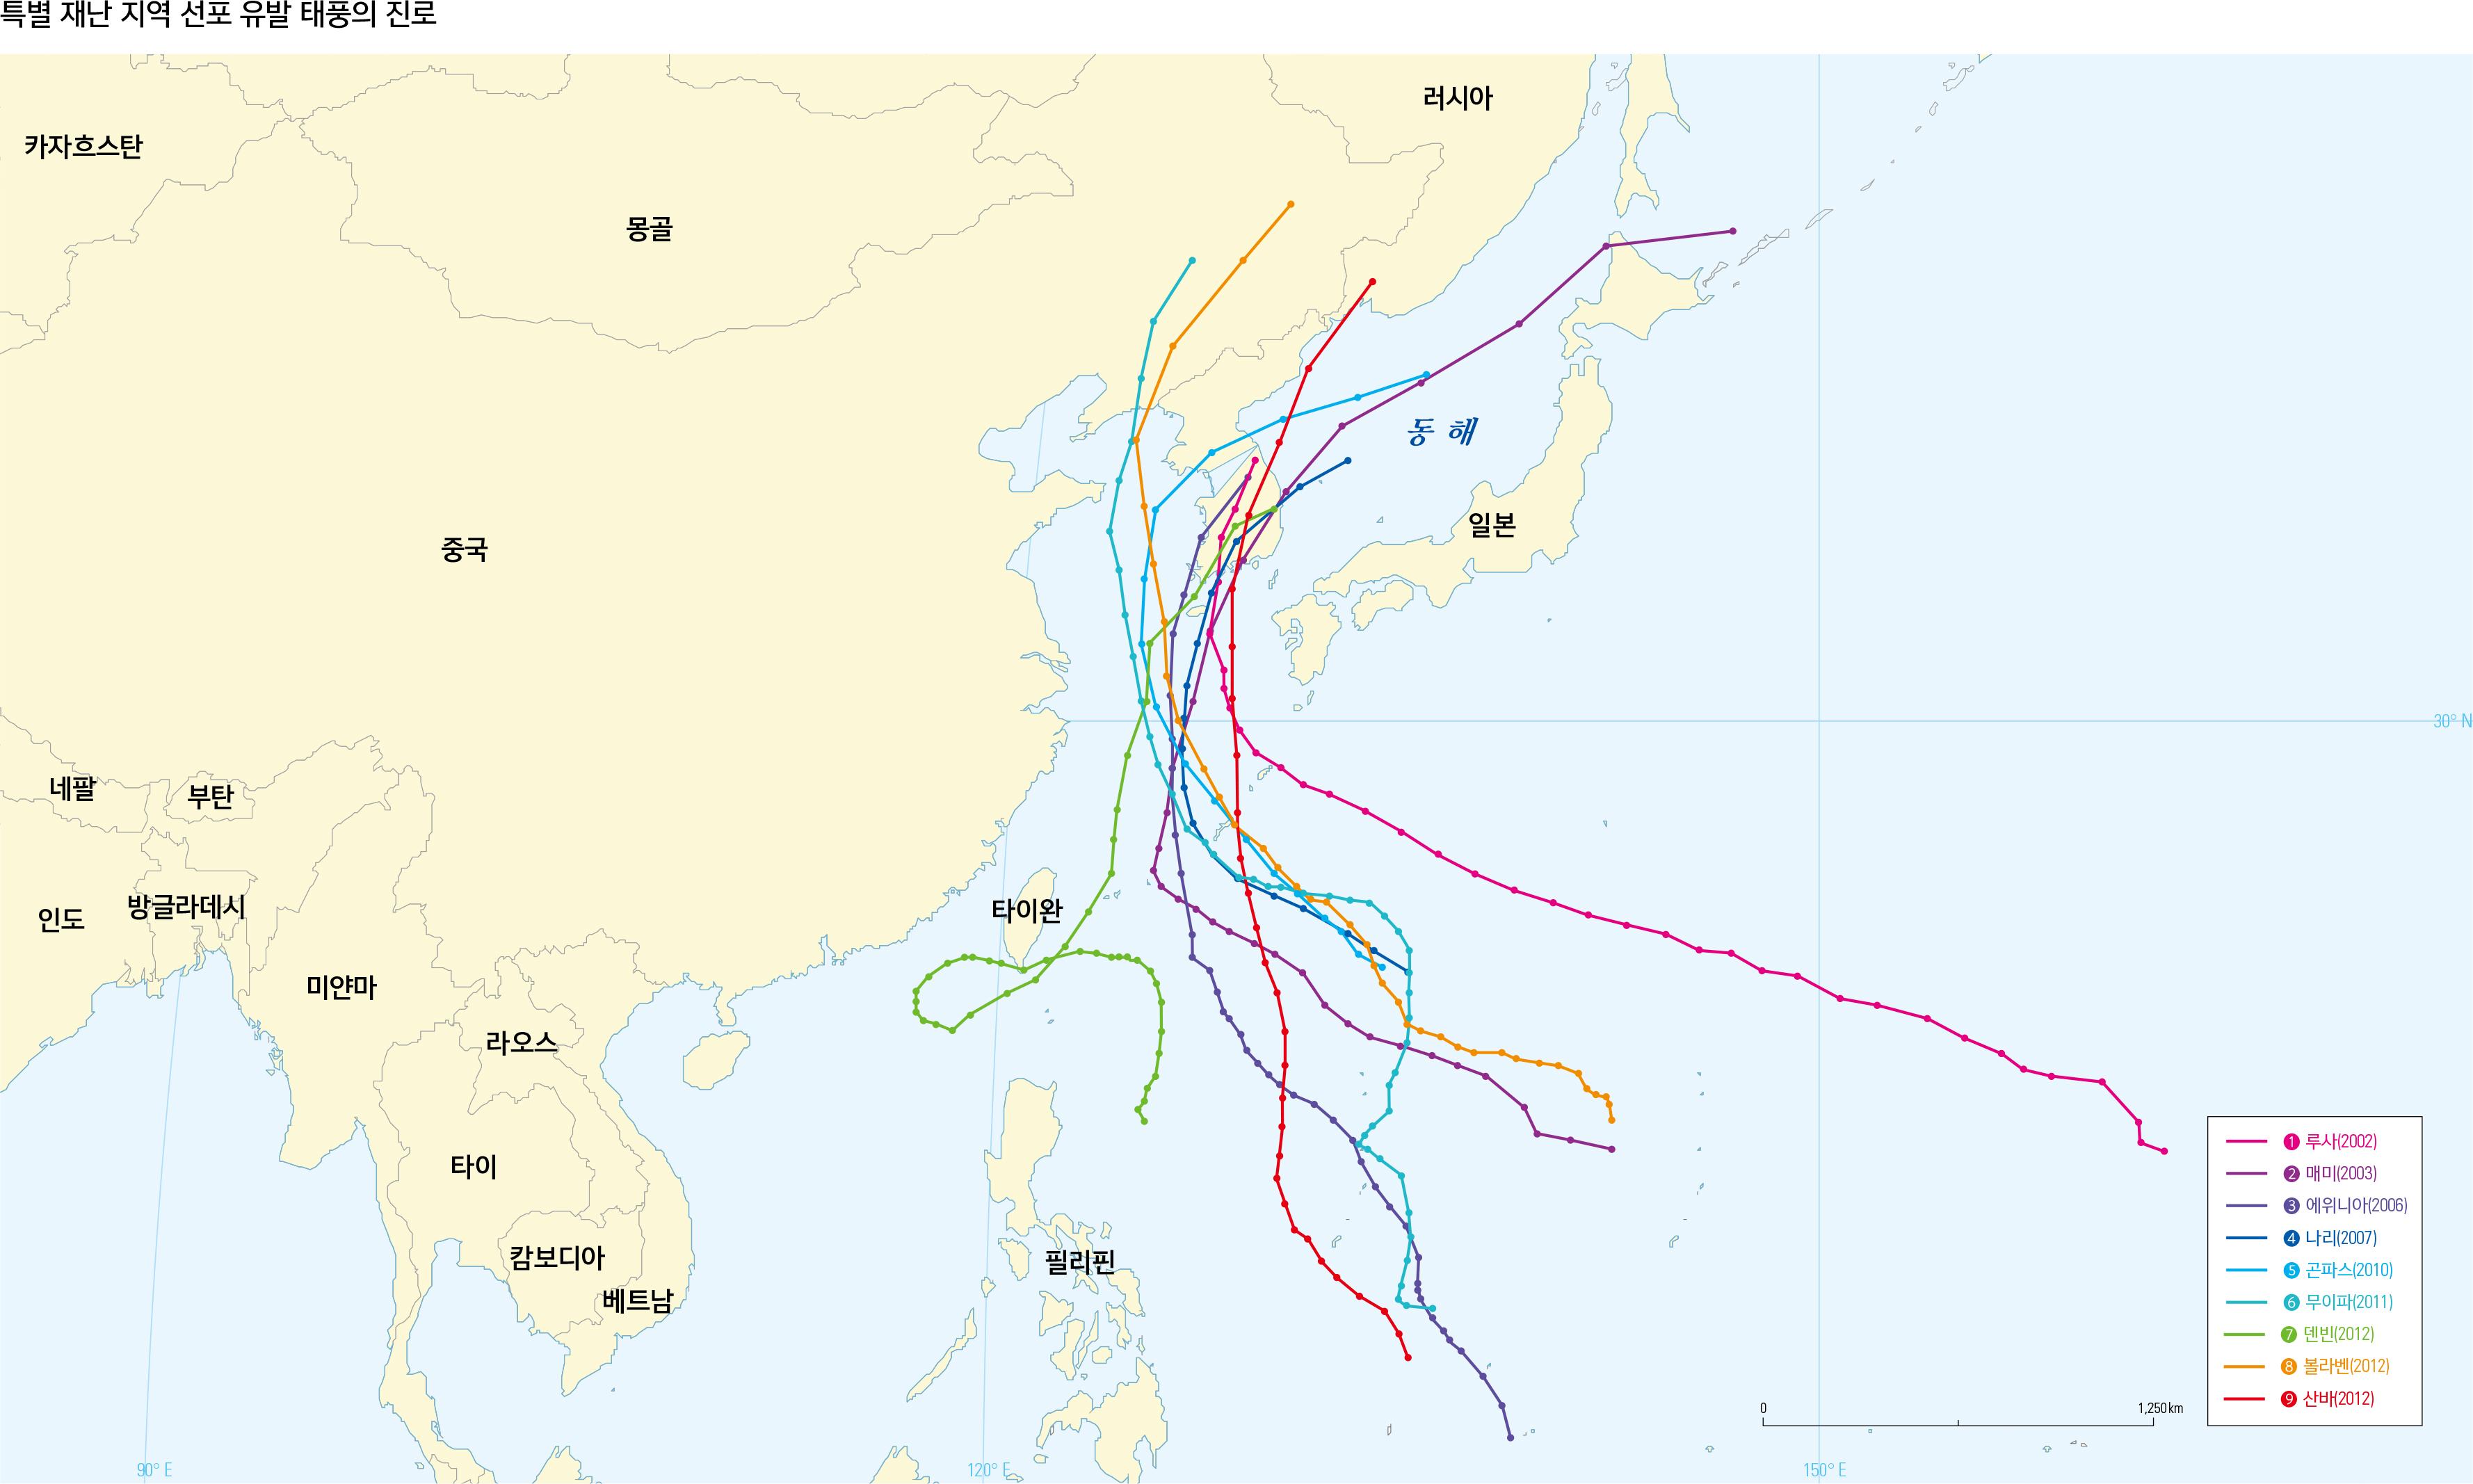 특별 재난 지역 선포 유발 태풍의 진로